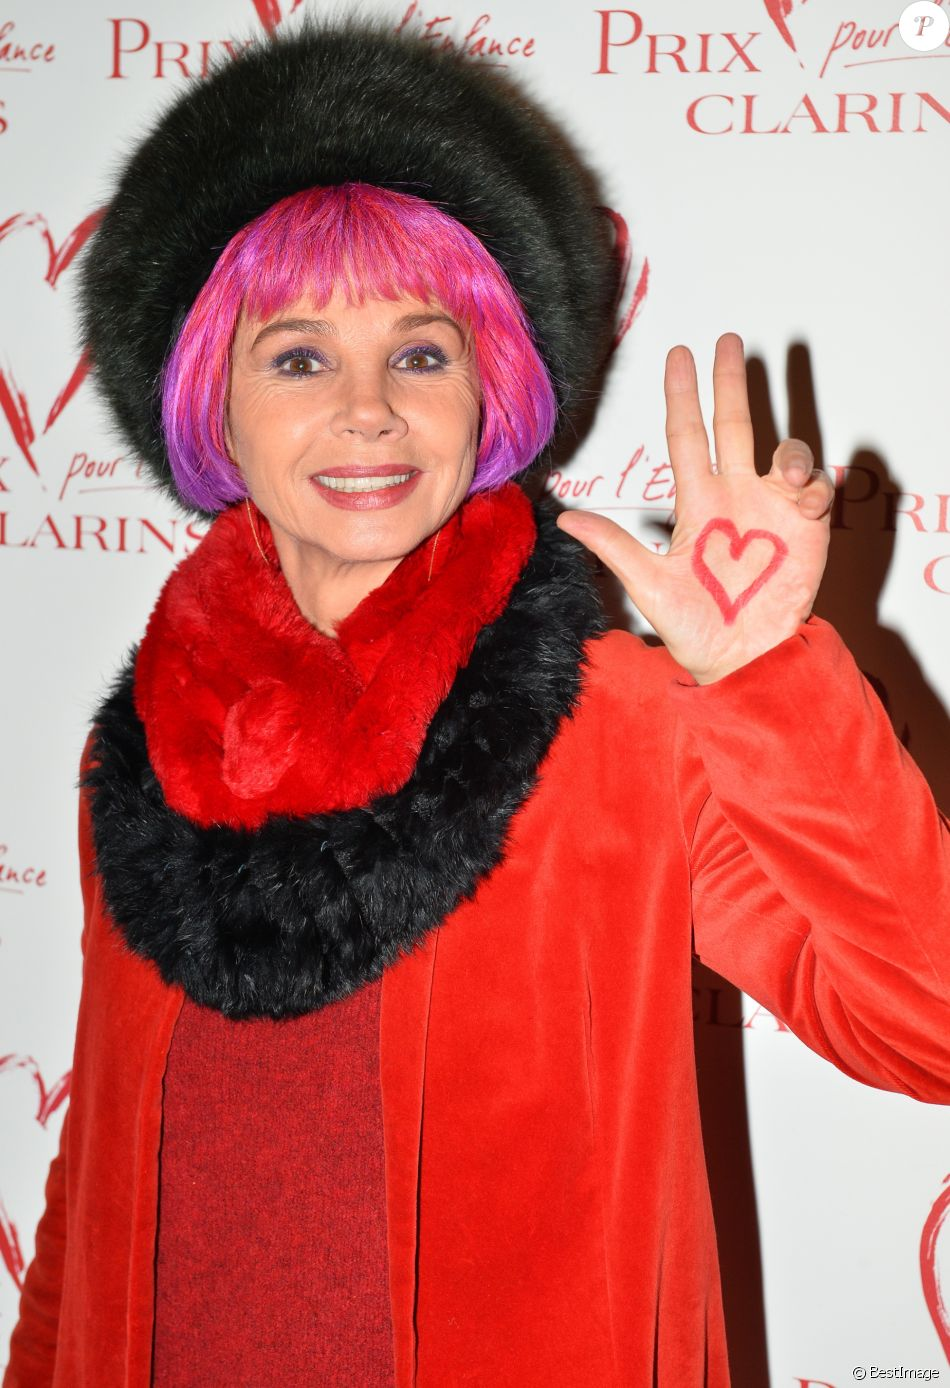 Semi-exclusif - Victoria Abril - Goûter du Coeur du prix Clarins pour l'enfance organisé par Clarins, à l'hôtel Plaza Athénée à Paris, France, le 14 février 2018.  © Veeren/Bestimage